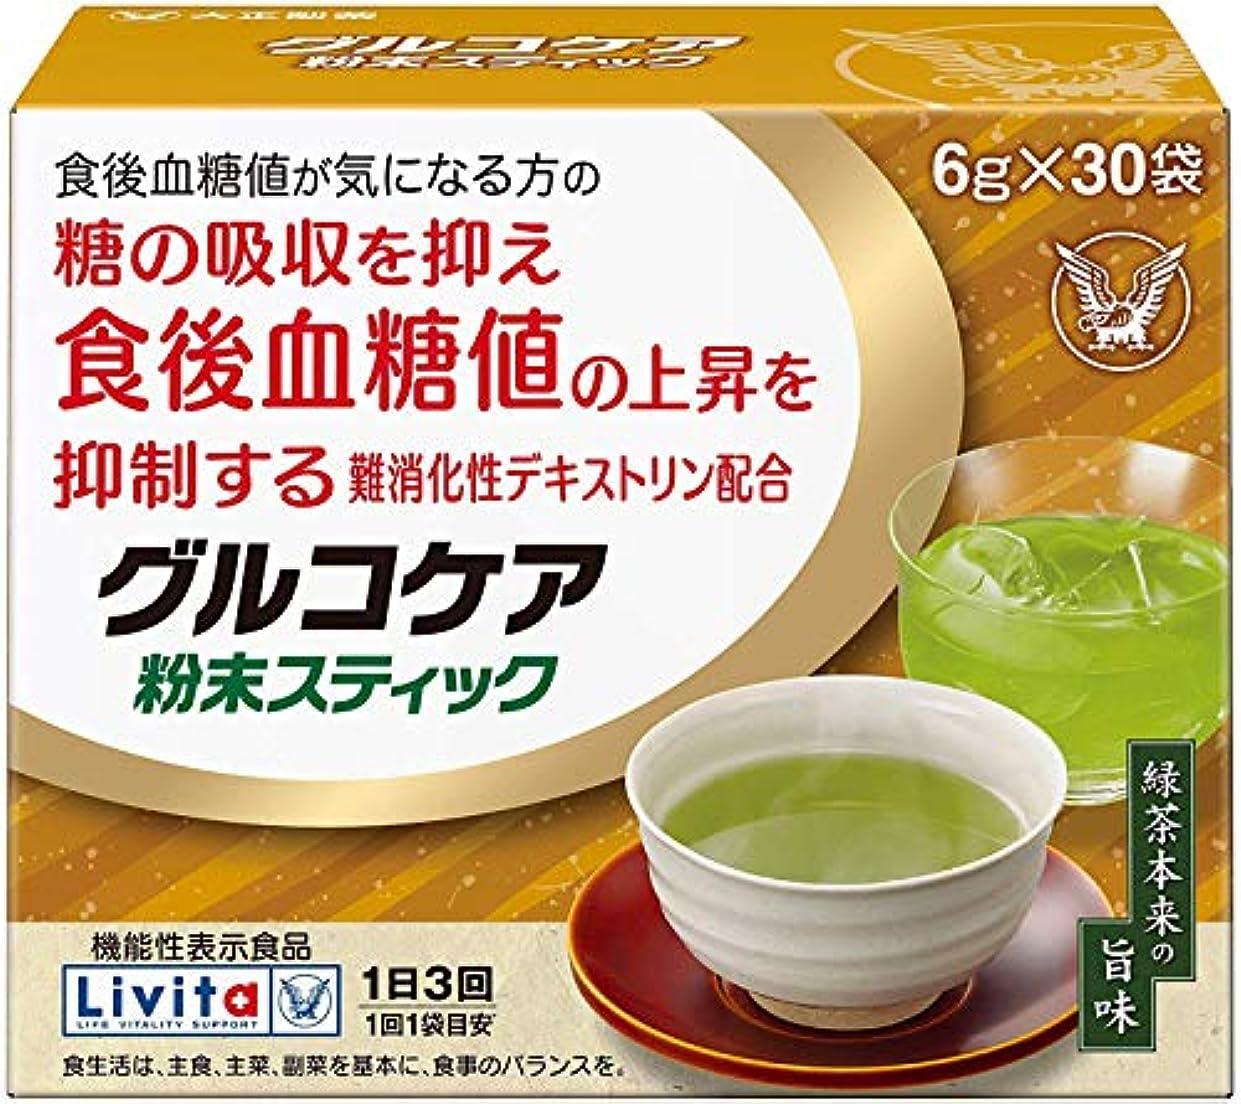 味わうストライプ詐欺グルコケア 粉末スティック 180g(6g×30袋)×2個【機能性表示食品】